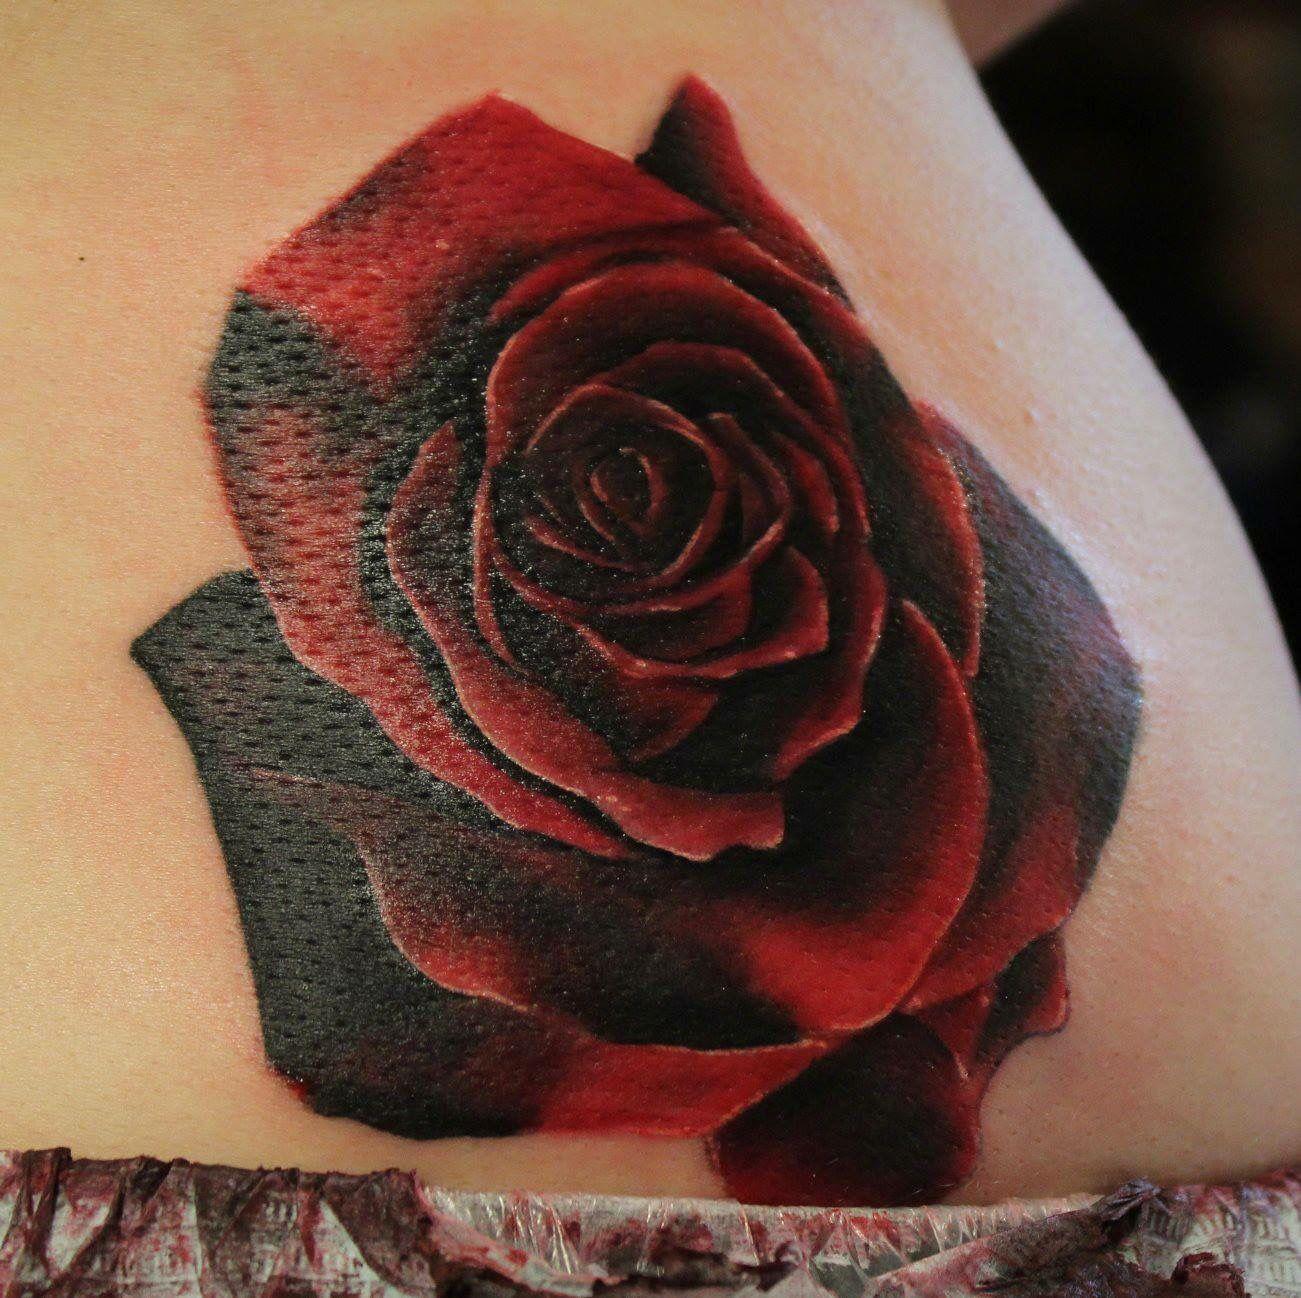 Dark black and red rose | Rose tattoo cover up, Dark roses